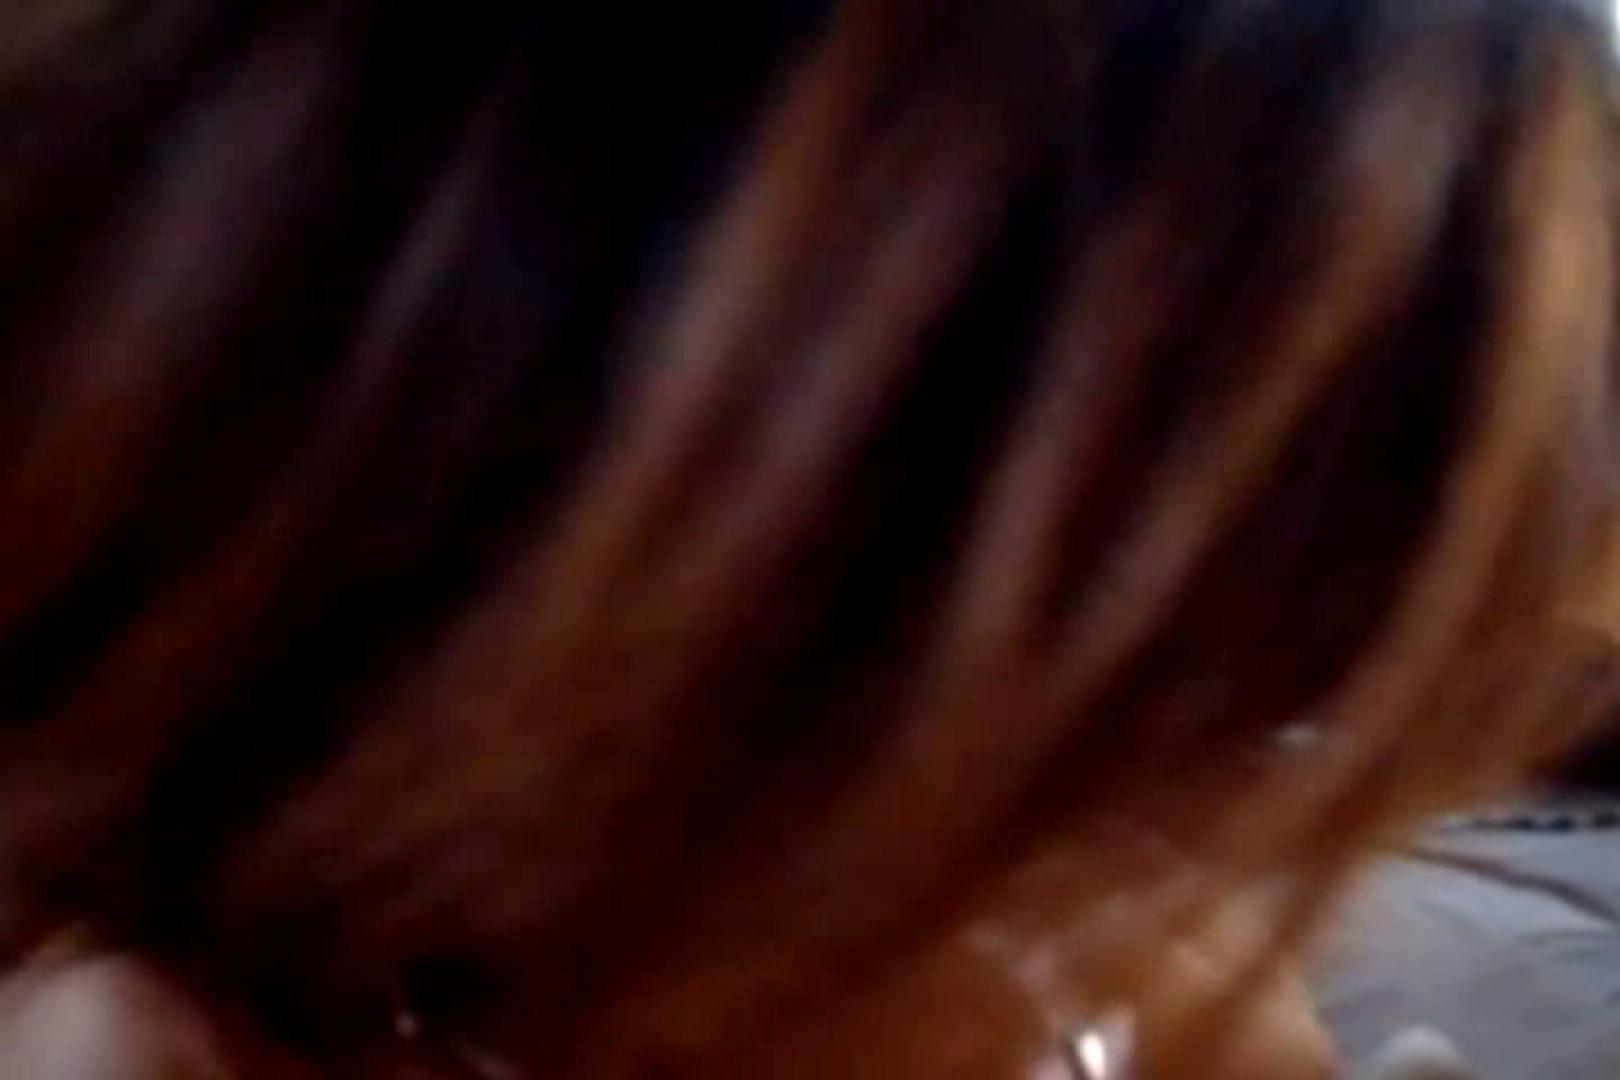 ウイルス流出 三重県四日市元準ミス樹林 コスプレ   0  52PIX 29